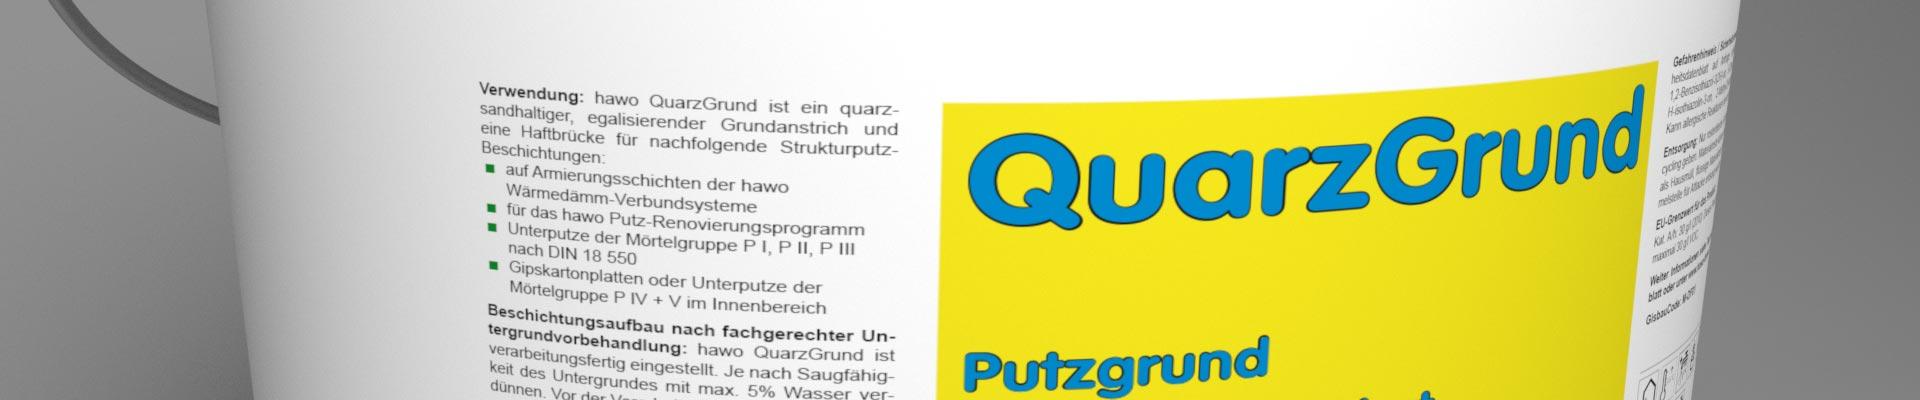 hawo QuarzGrund Banner